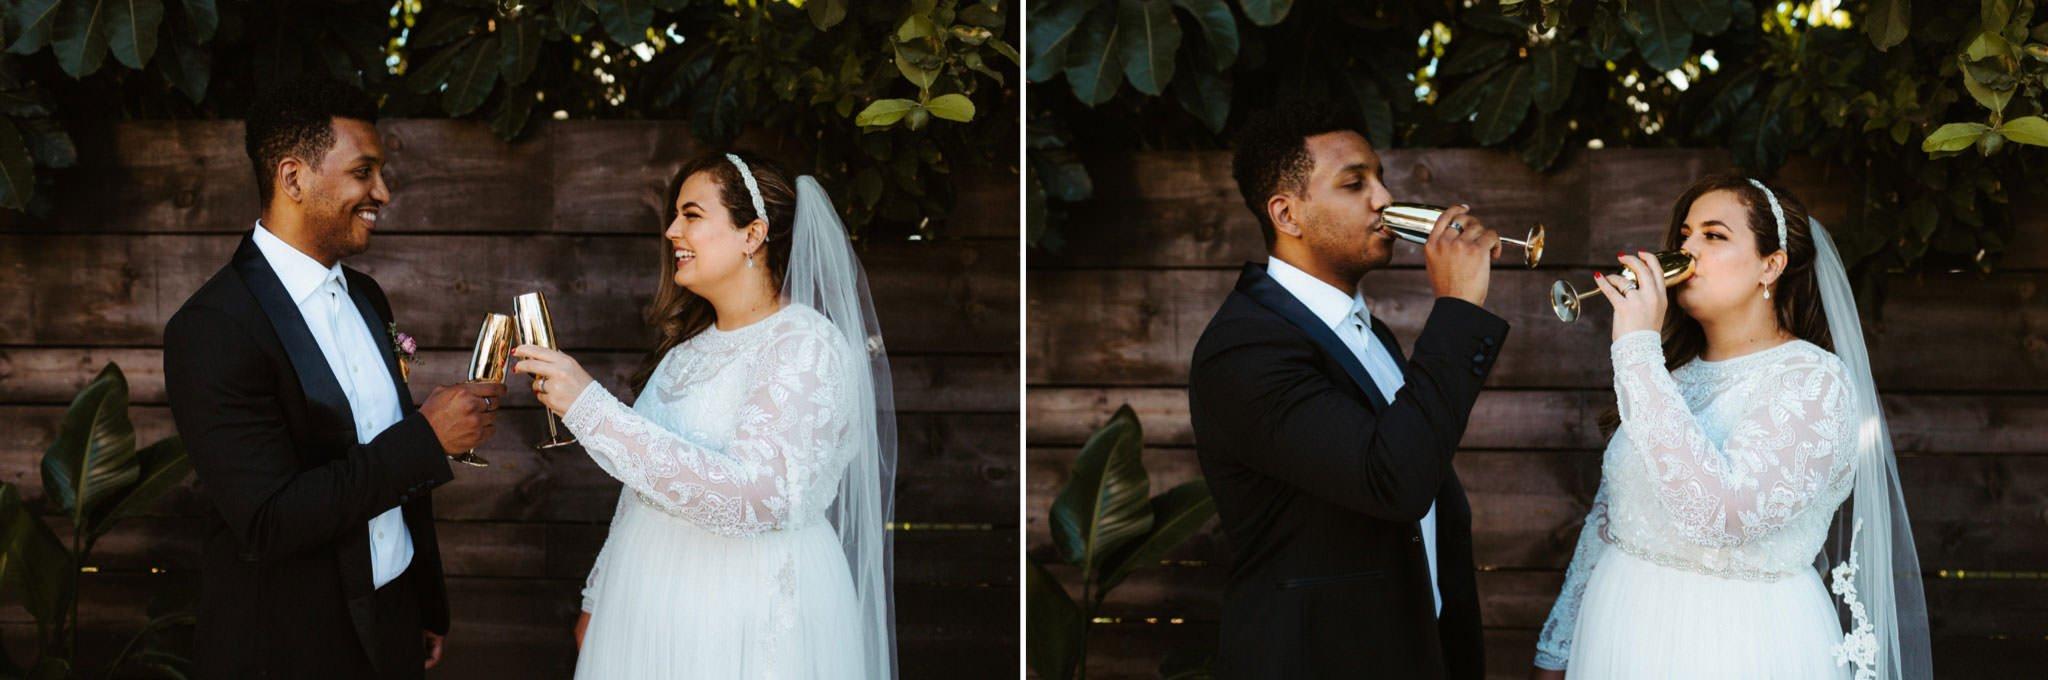 la elopement photos 072